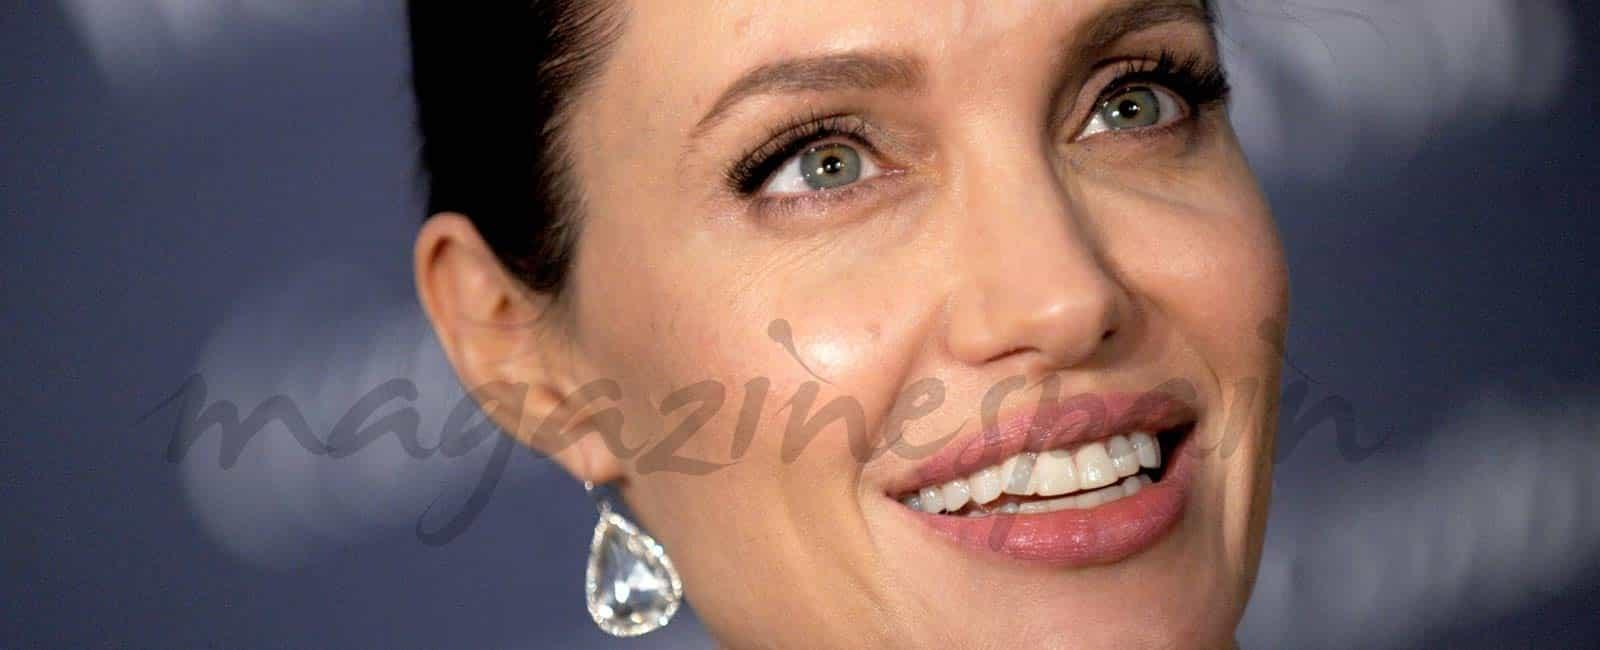 Así eran, Así son: Angelina Jolie 2006-2016